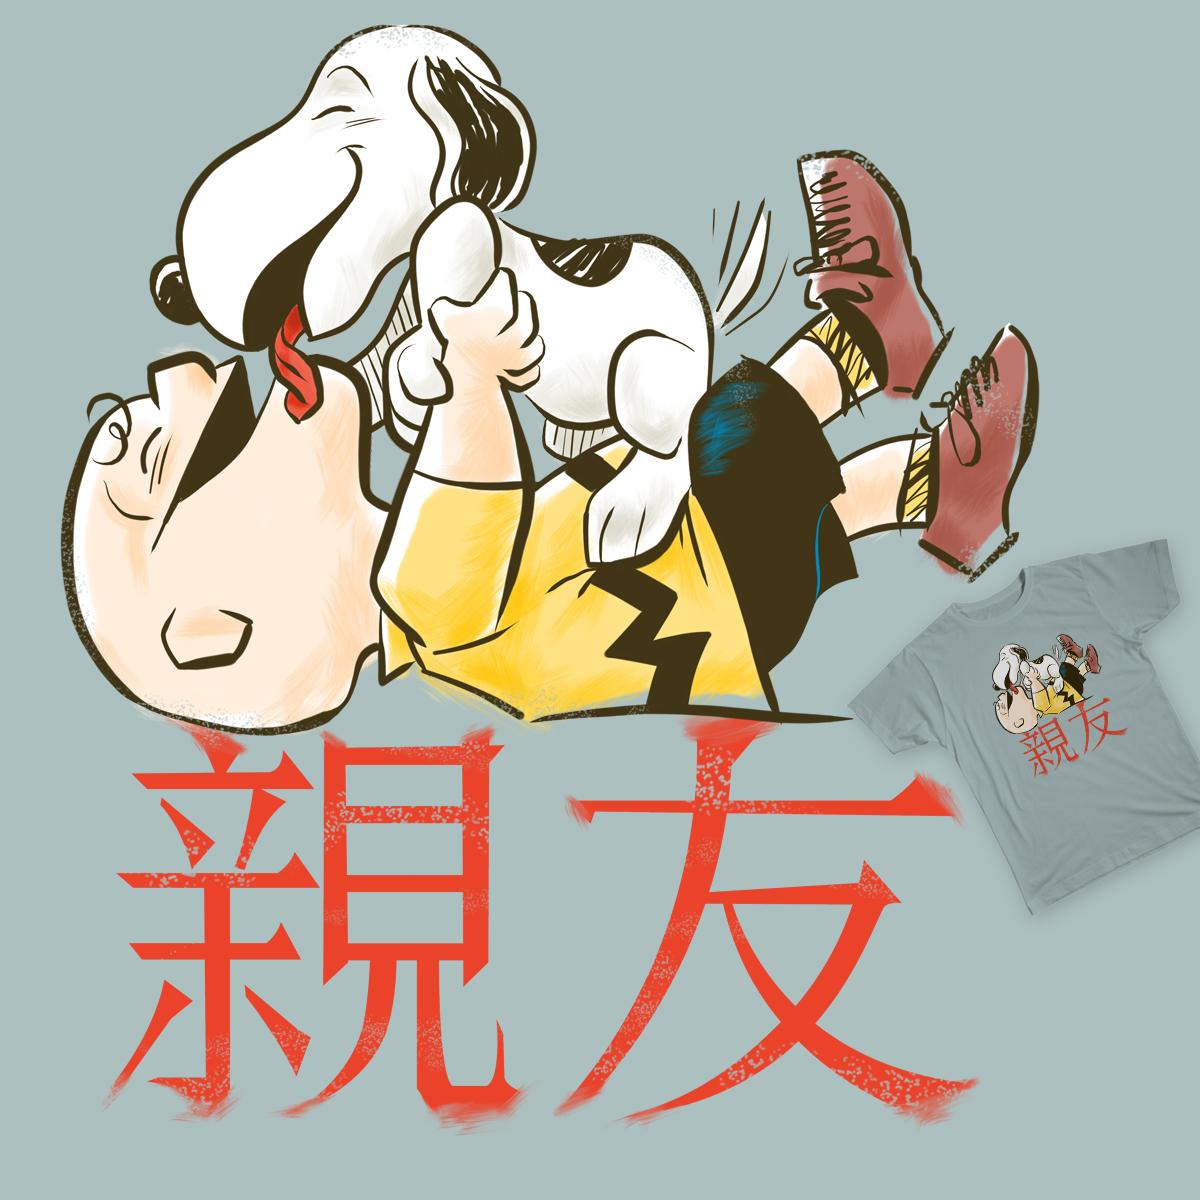 SnoopyCharlieshirtmock3